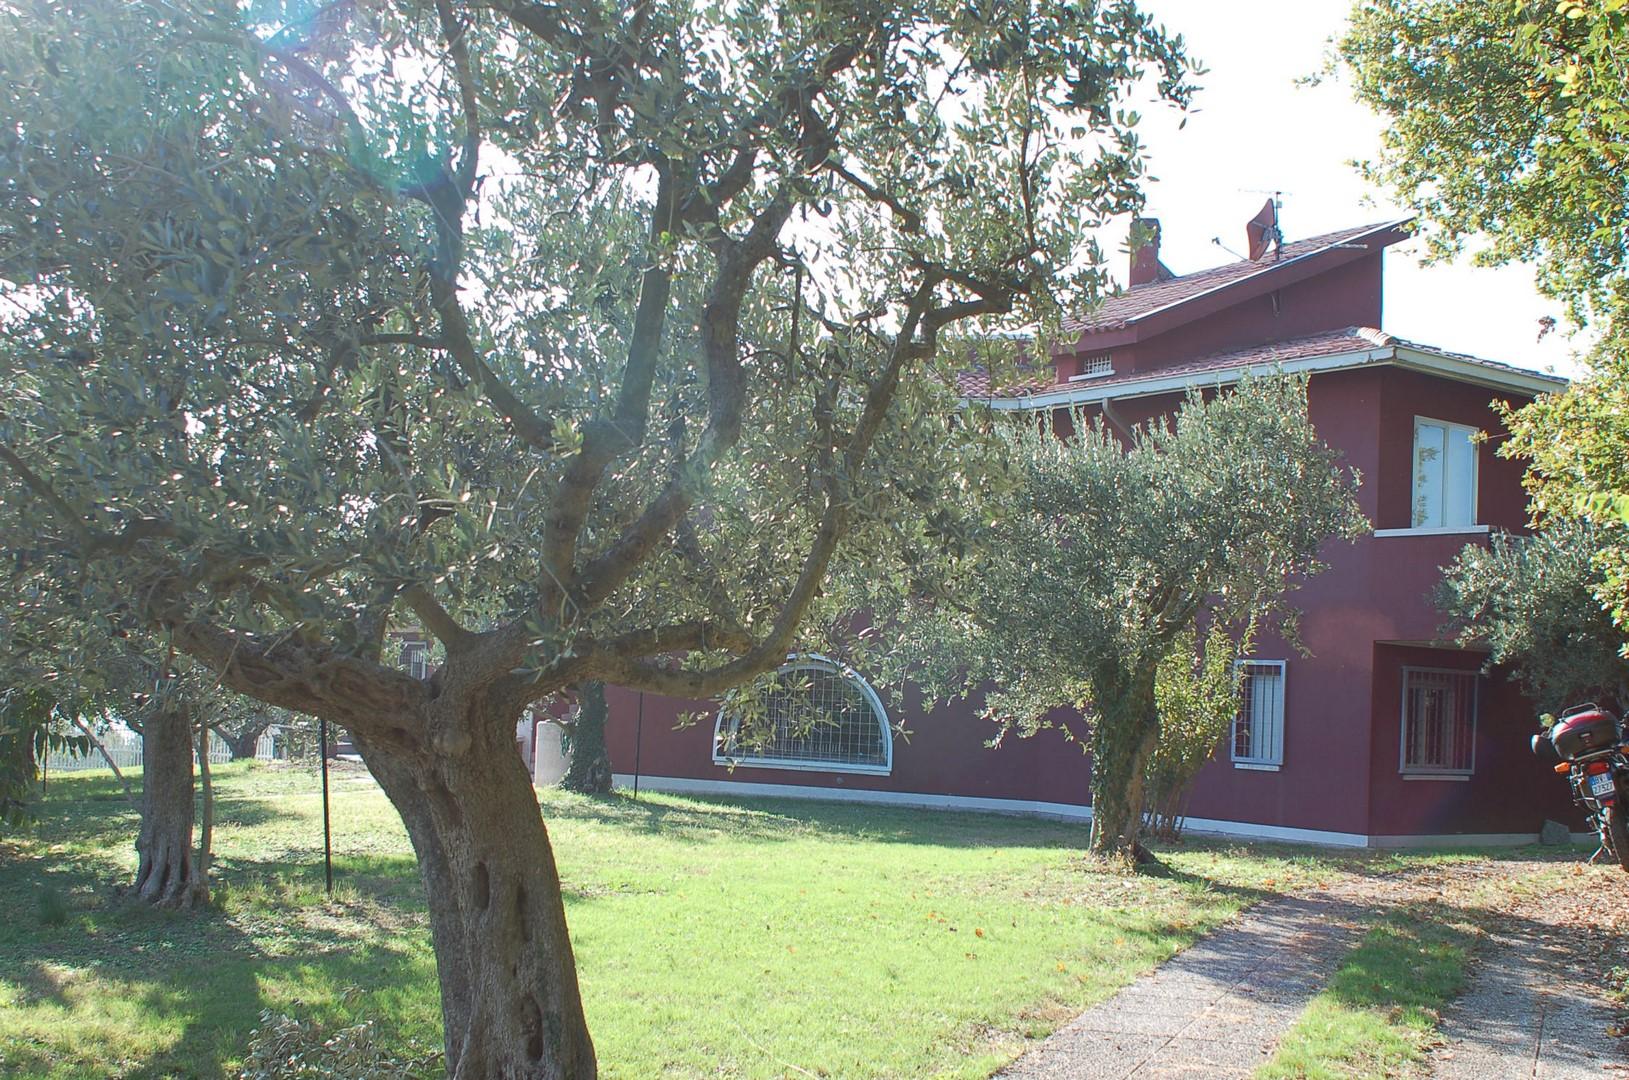 Villa in vendita a Colognola ai Colli, 10 locali, zona Località: MonteconVilla(capoluogo, prezzo € 560.000 | CambioCasa.it